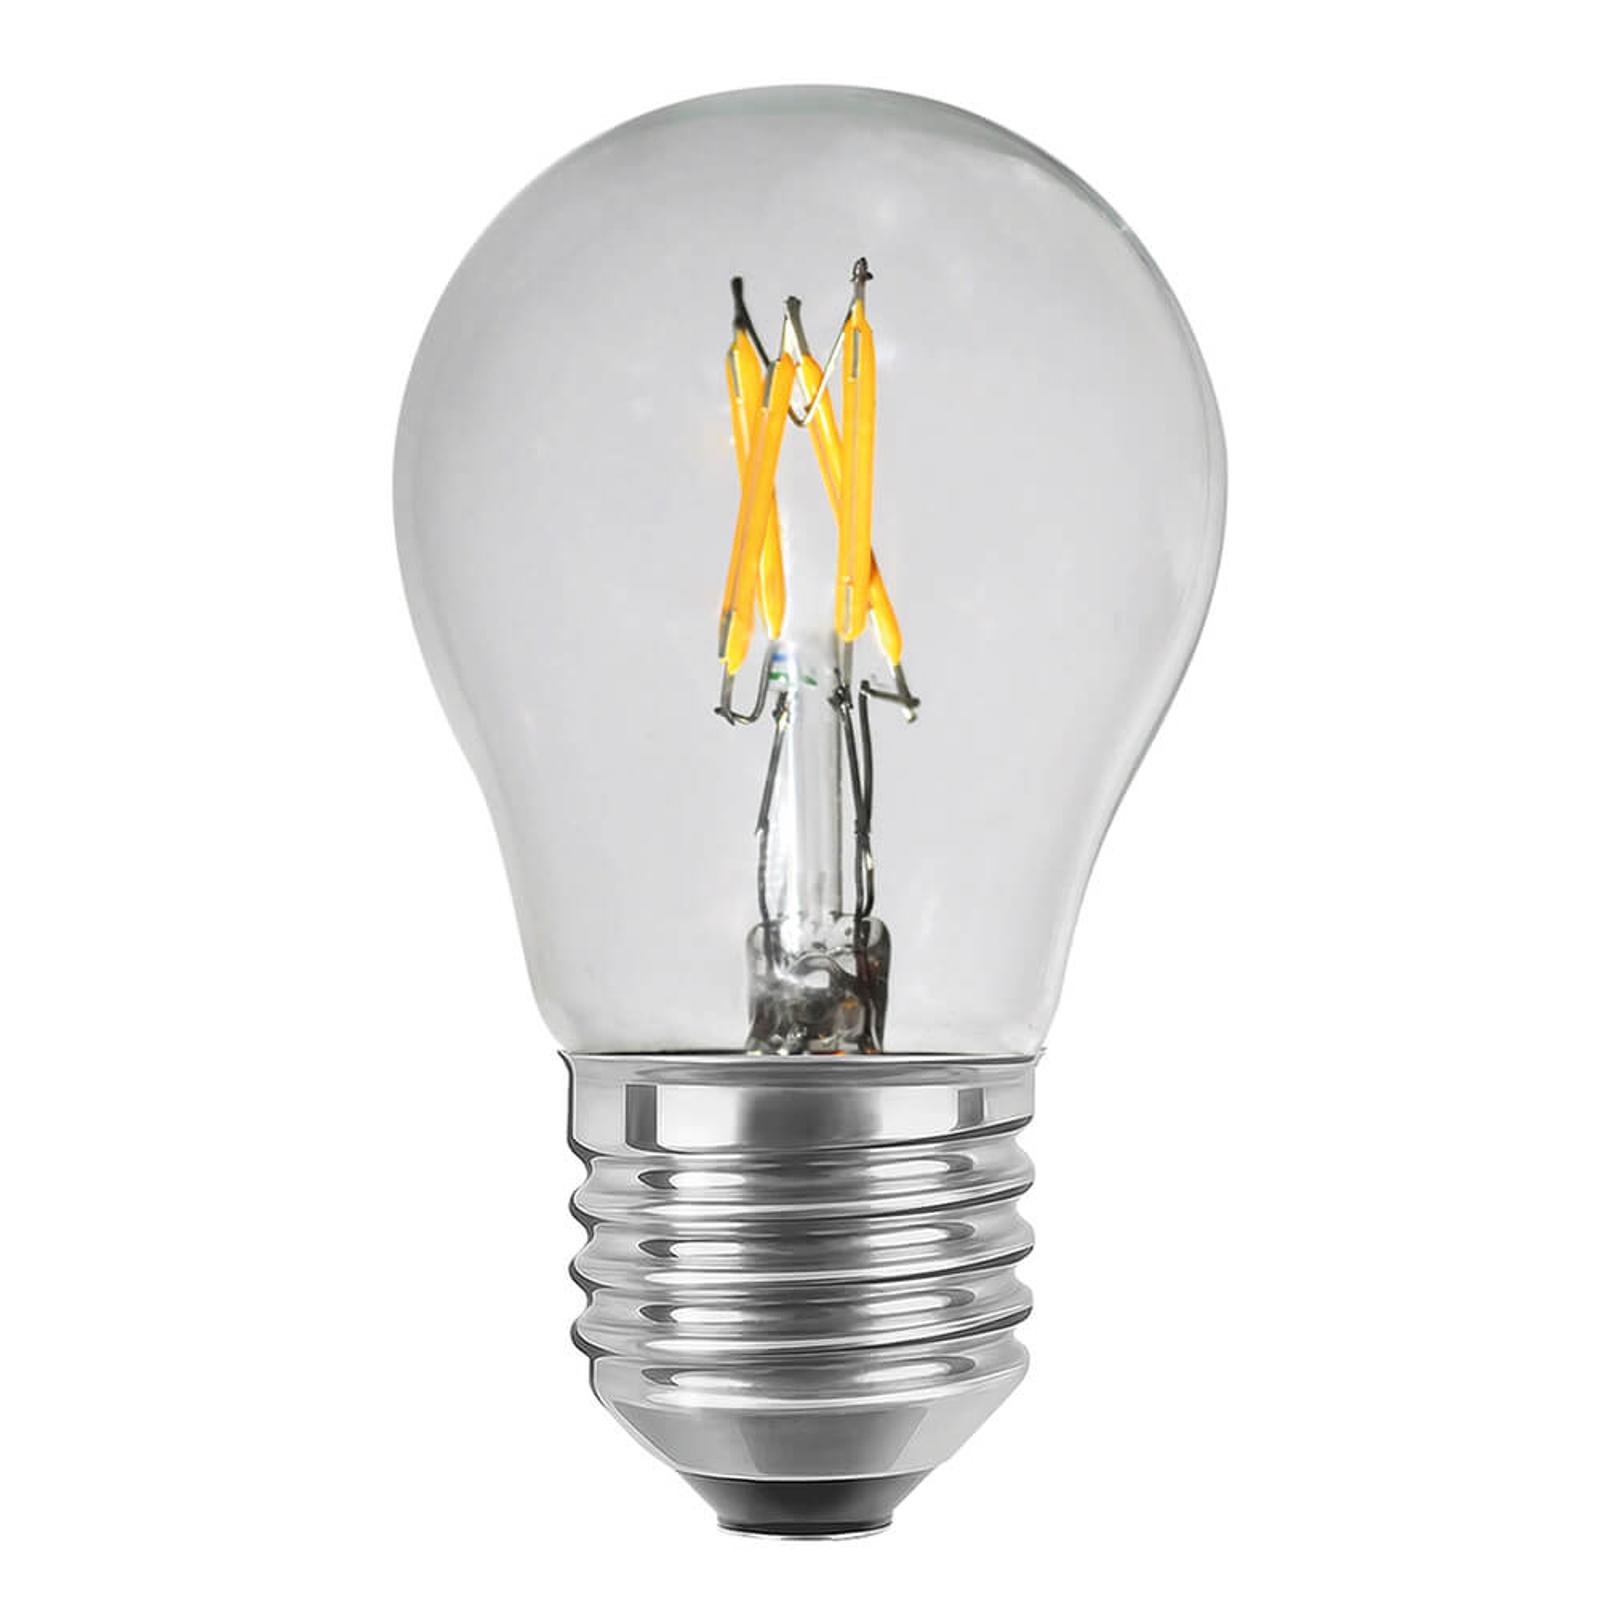 Ampoule LED E27 2,7W transparente, variable